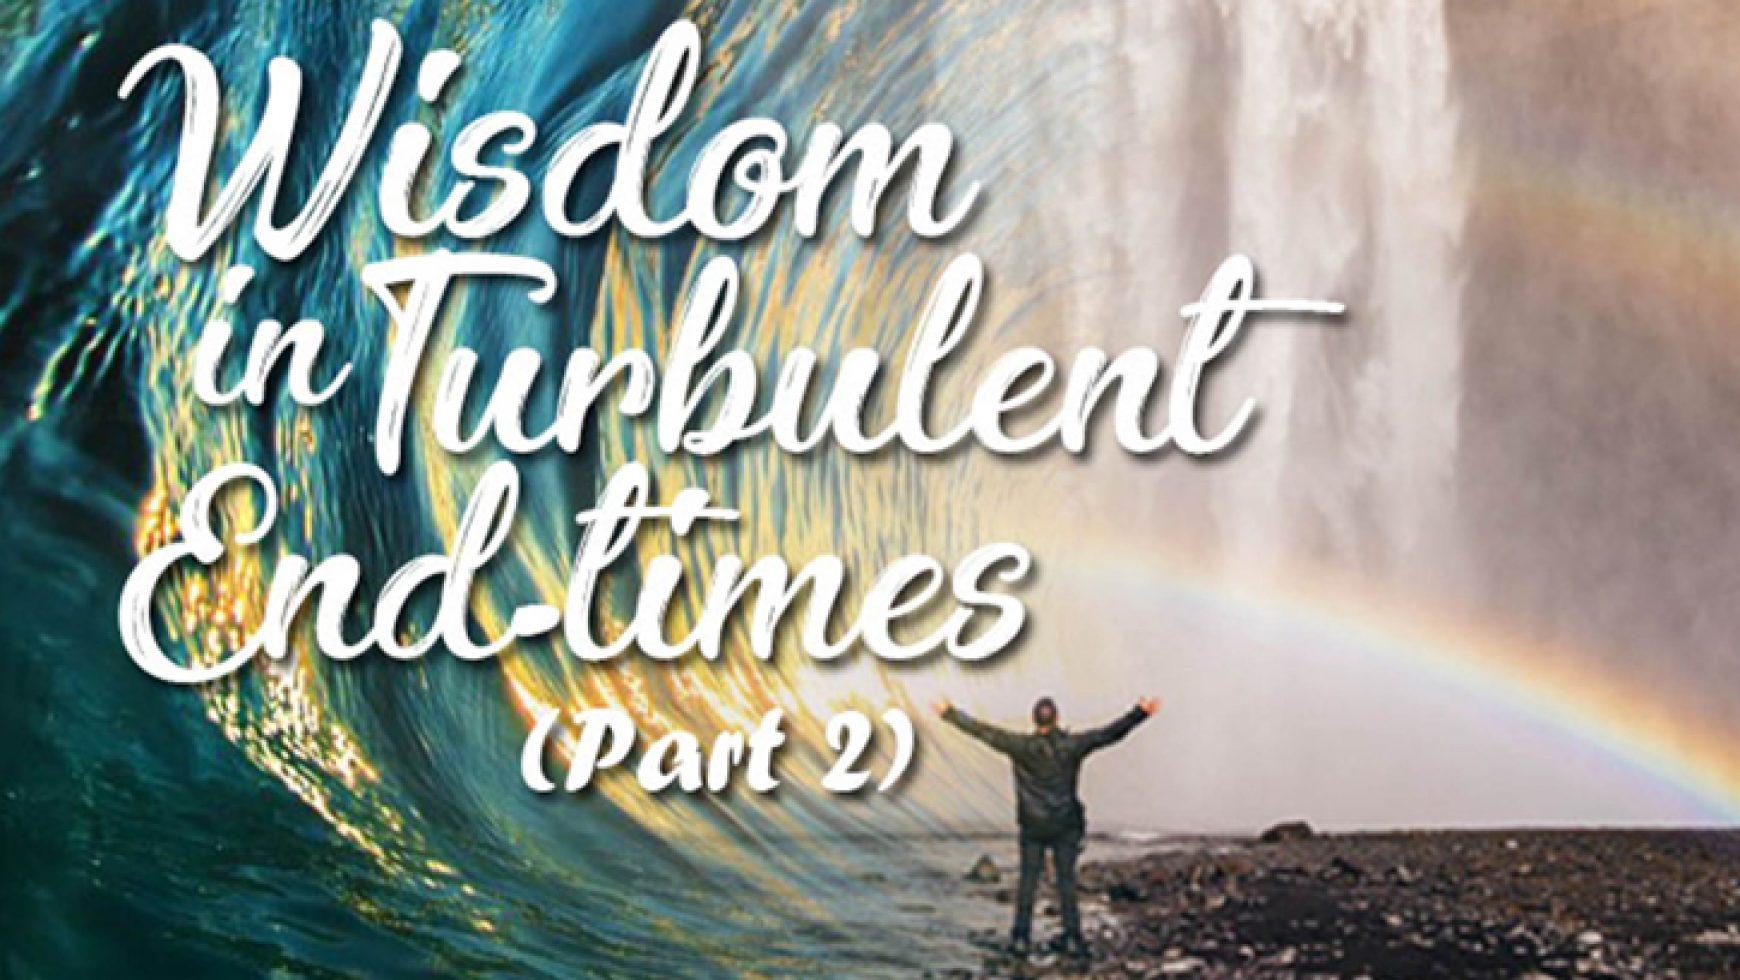 Wisdom in Turbulent Times (Part 2)